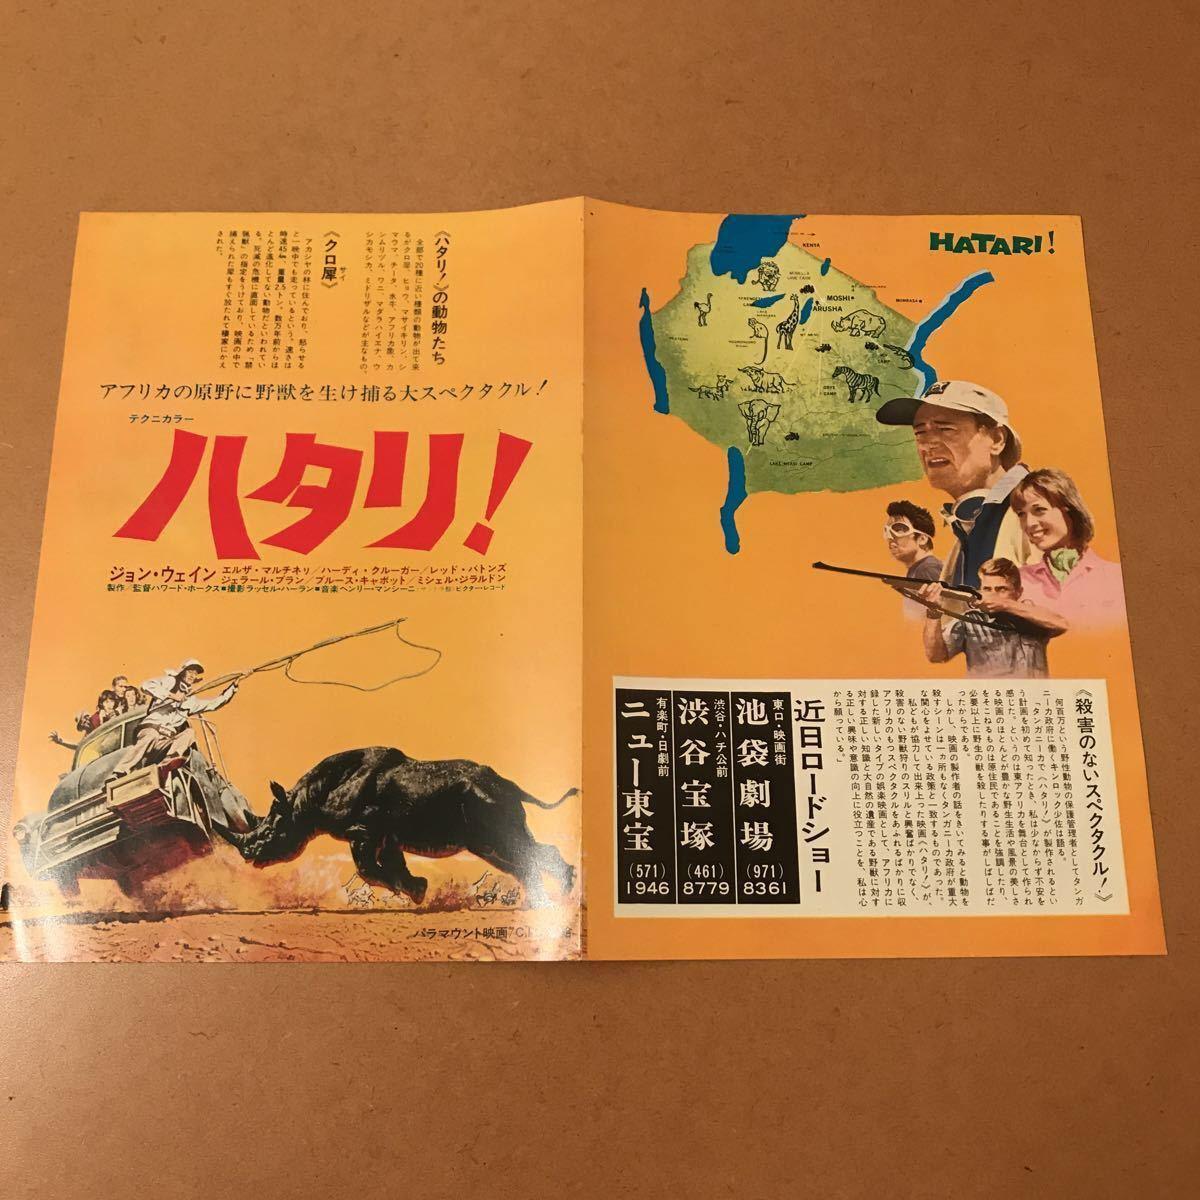 【映画チラシ】『ハタリ!』1962年初公開作品 主演:ジョン・ウェイン 通常B5版2枚折チラシ_画像3